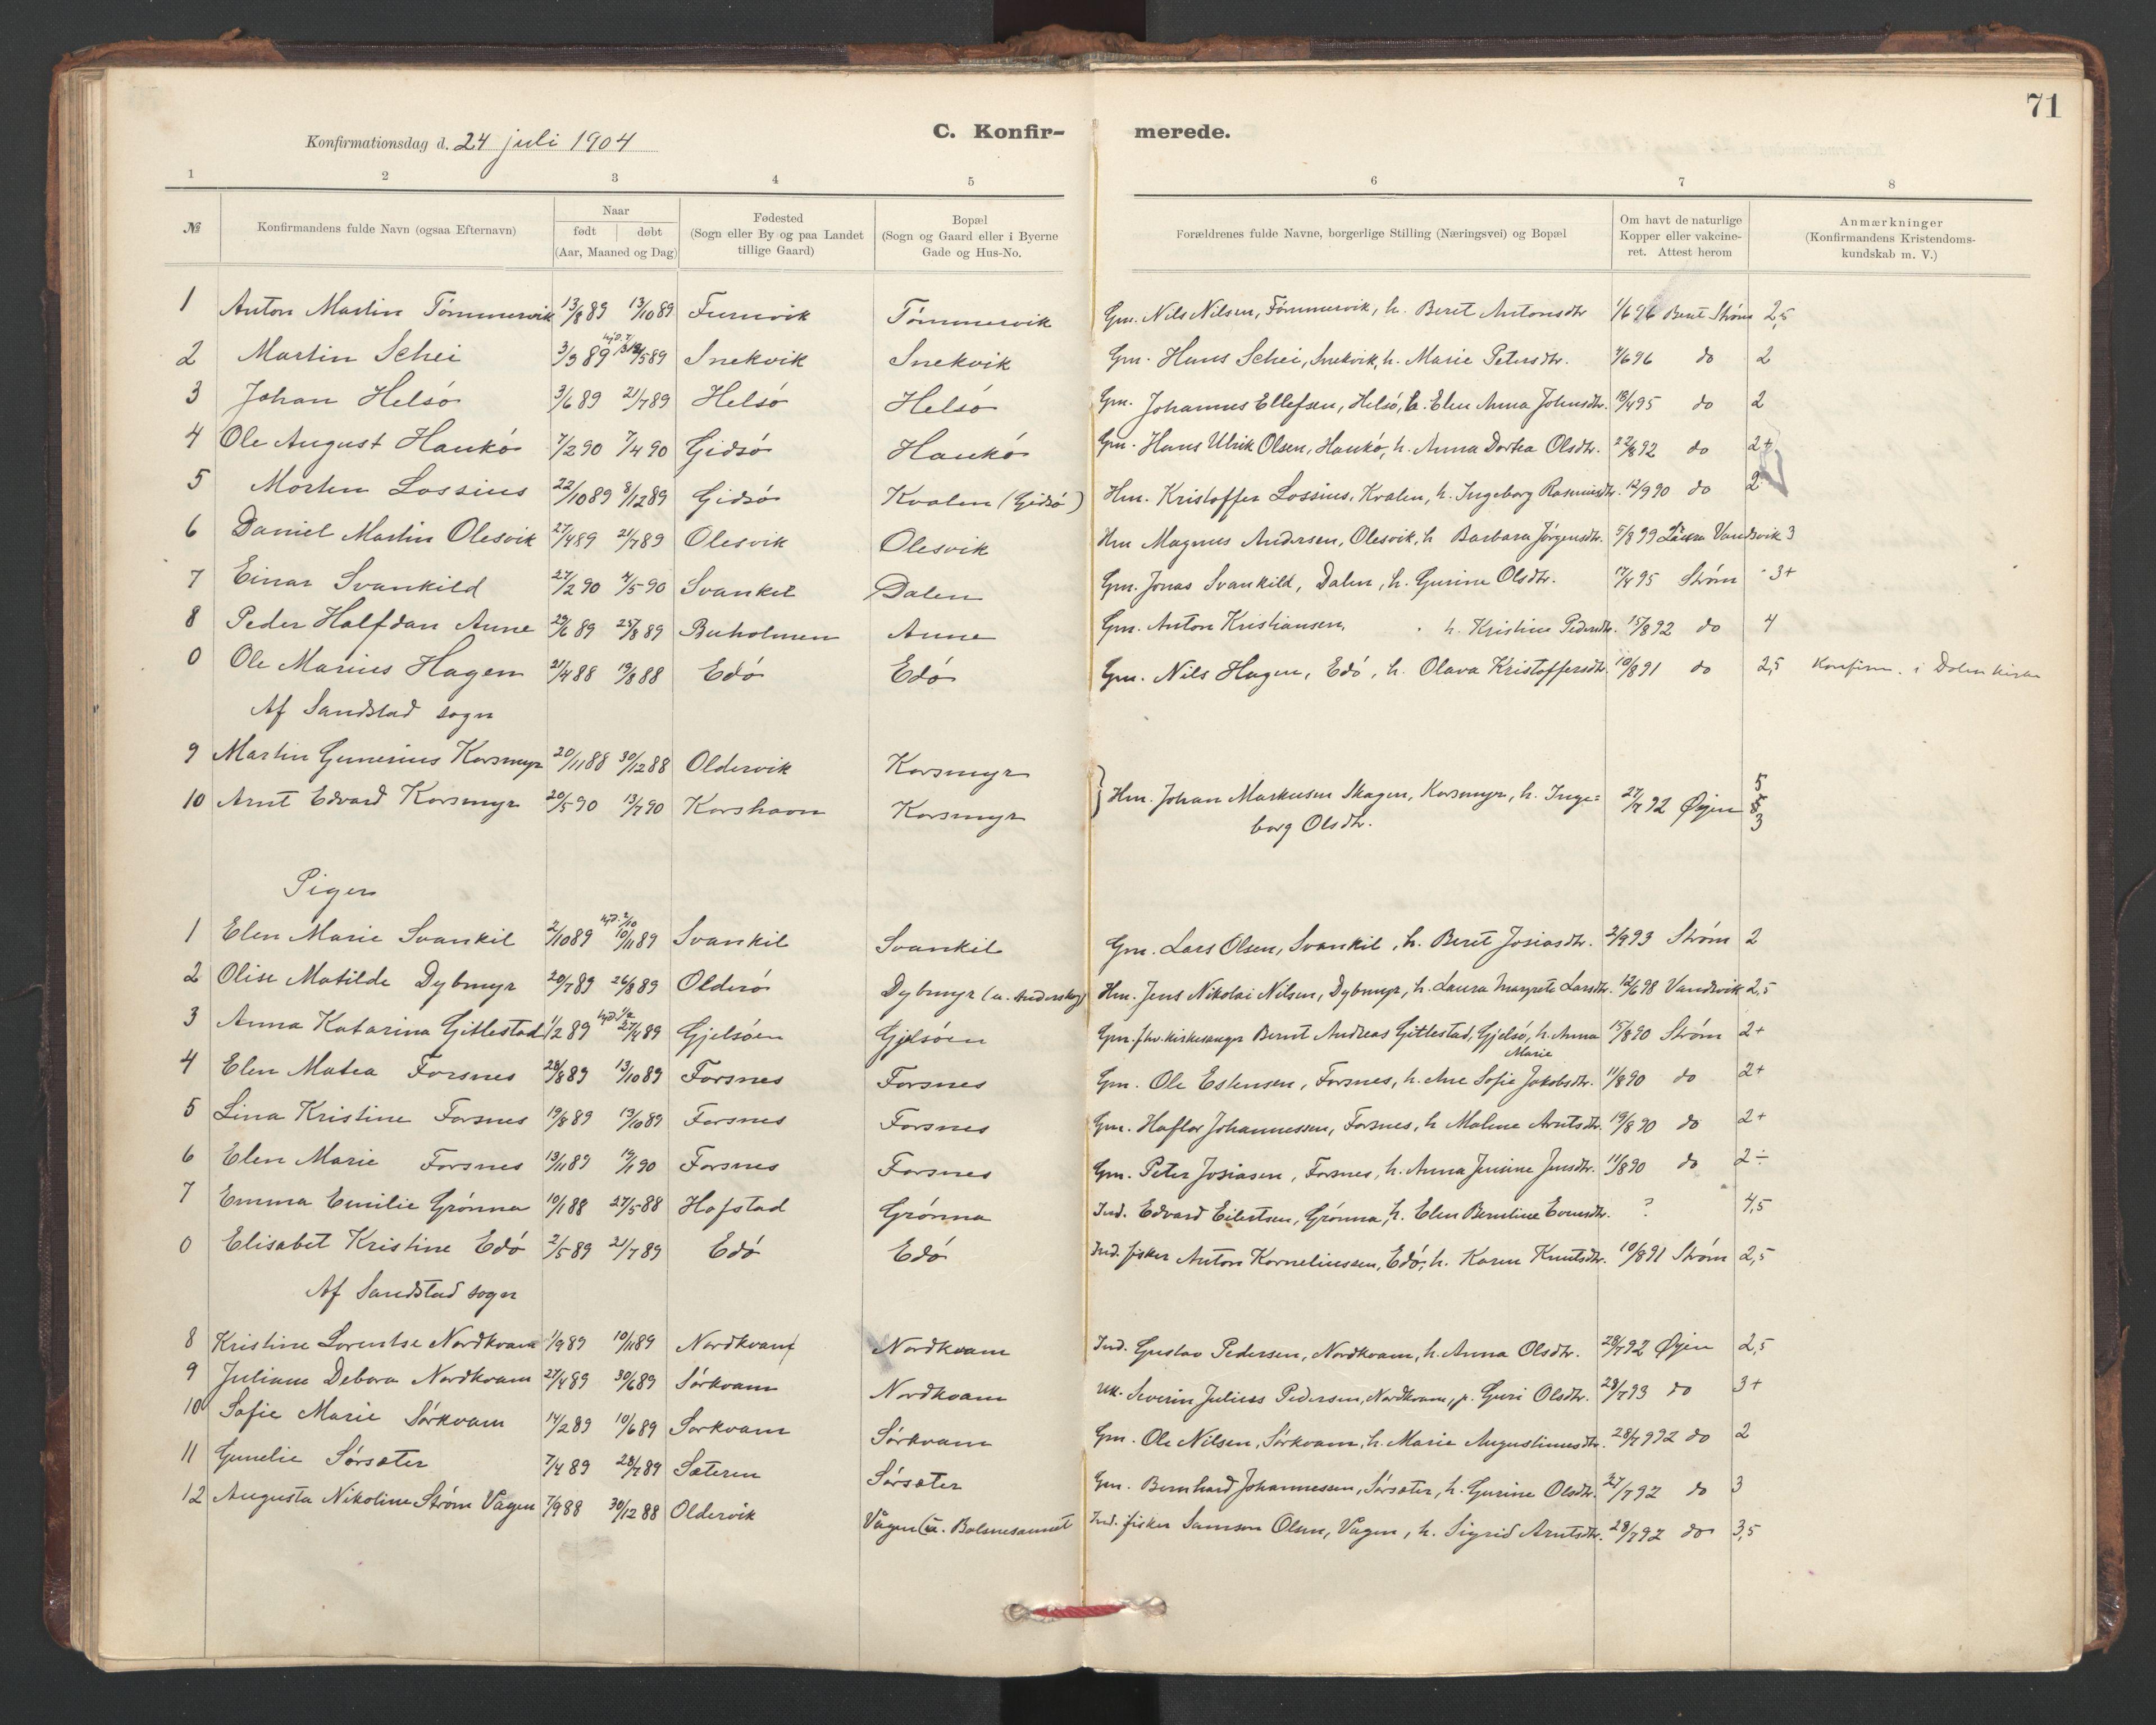 SAT, Ministerialprotokoller, klokkerbøker og fødselsregistre - Sør-Trøndelag, 635/L0552: Ministerialbok nr. 635A02, 1899-1919, s. 71